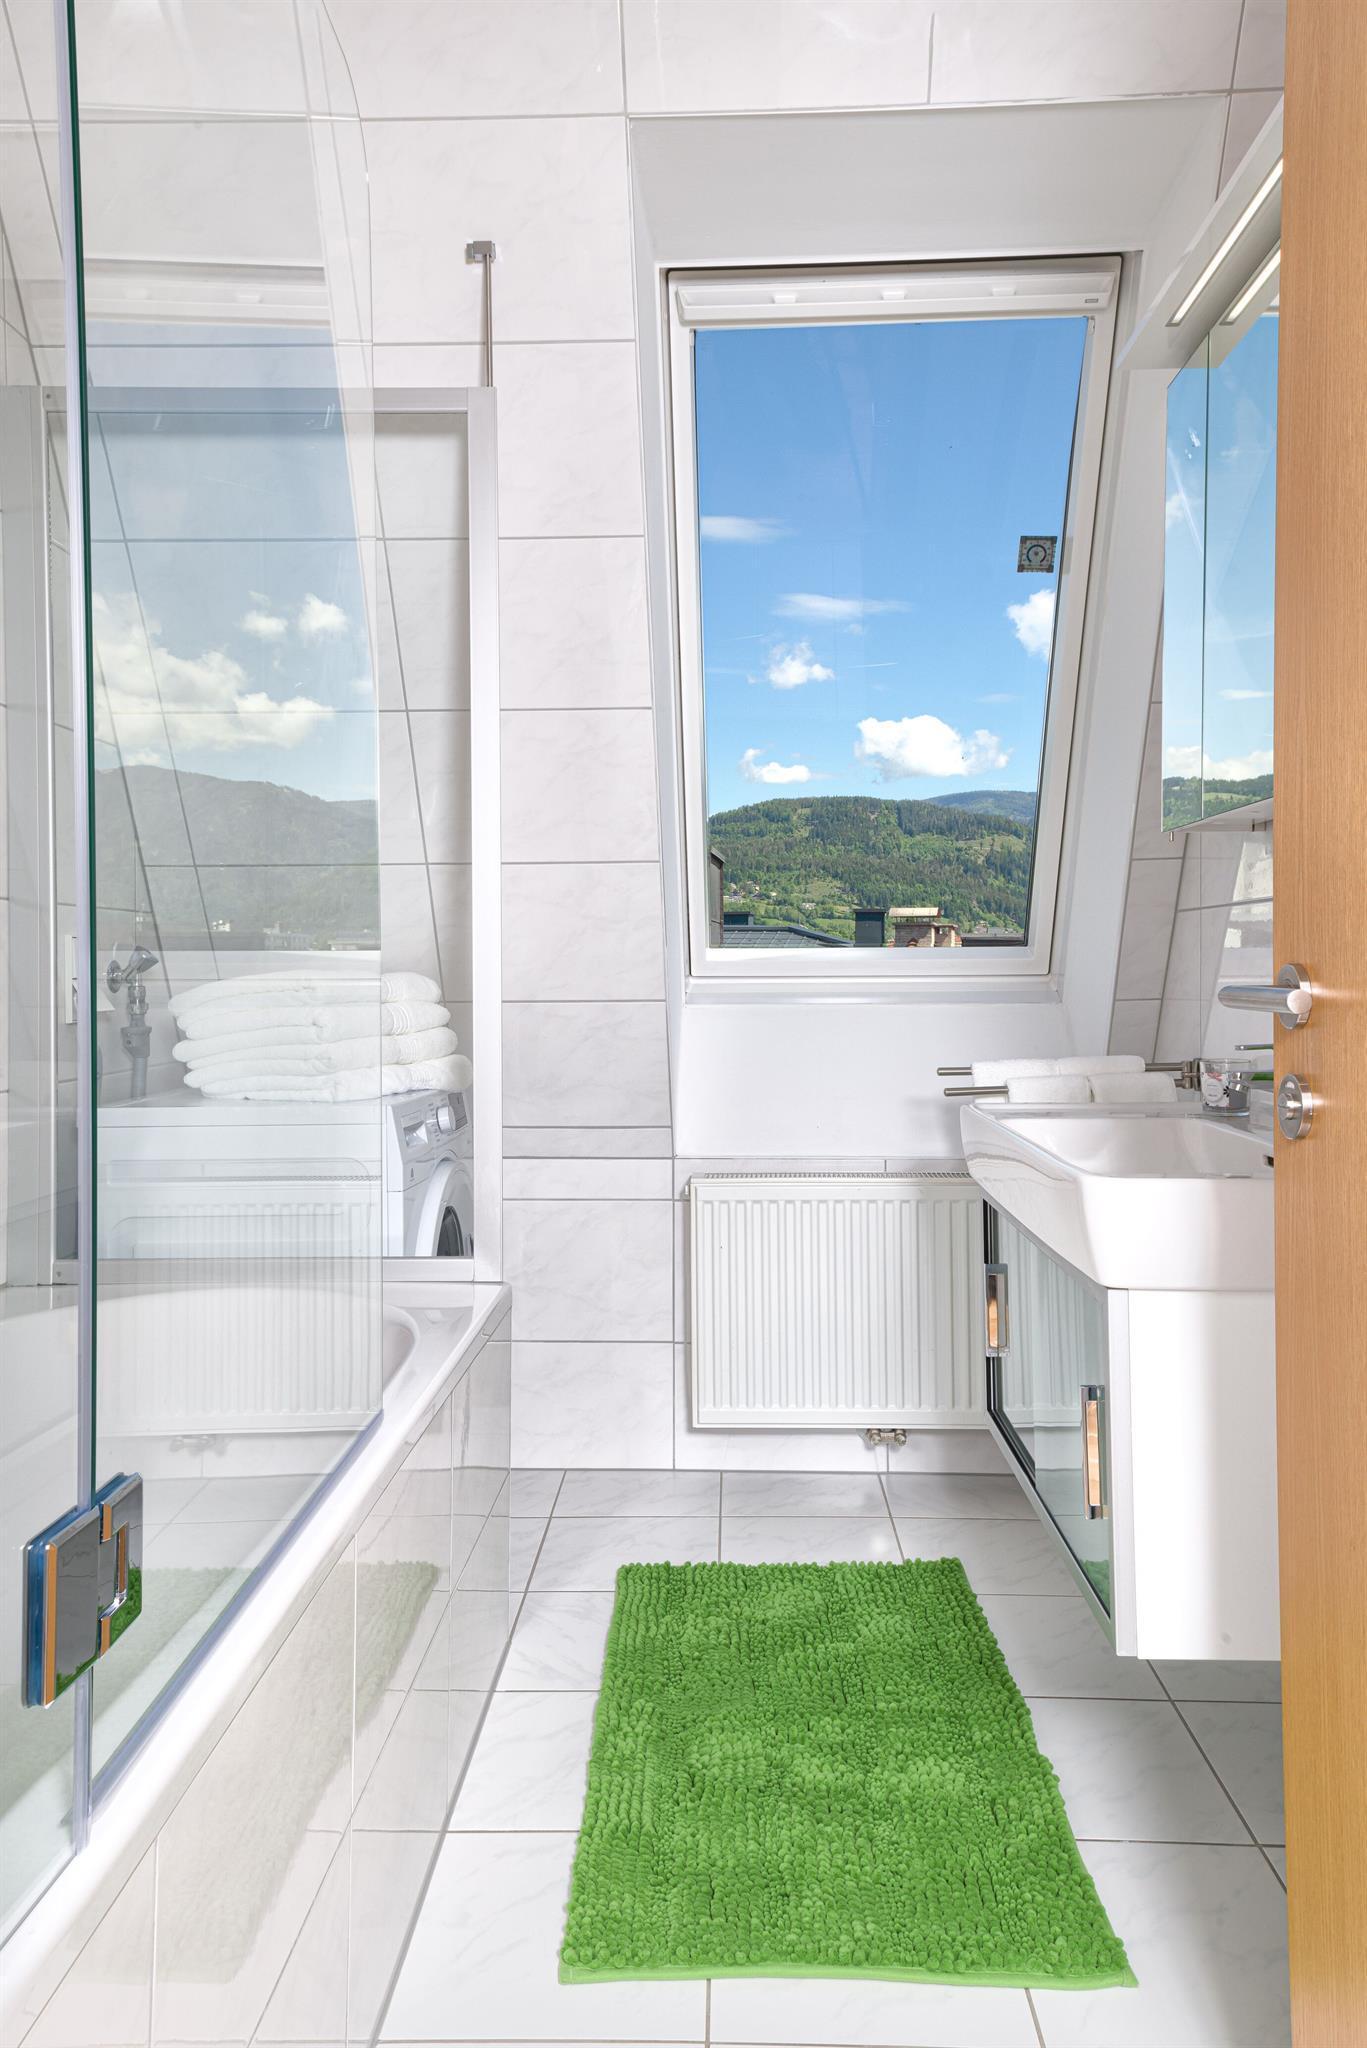 Ferienwohnung City Appartements Villach Superior+  Appartement (2745807), Villach, Villach, Kärnten, Österreich, Bild 13